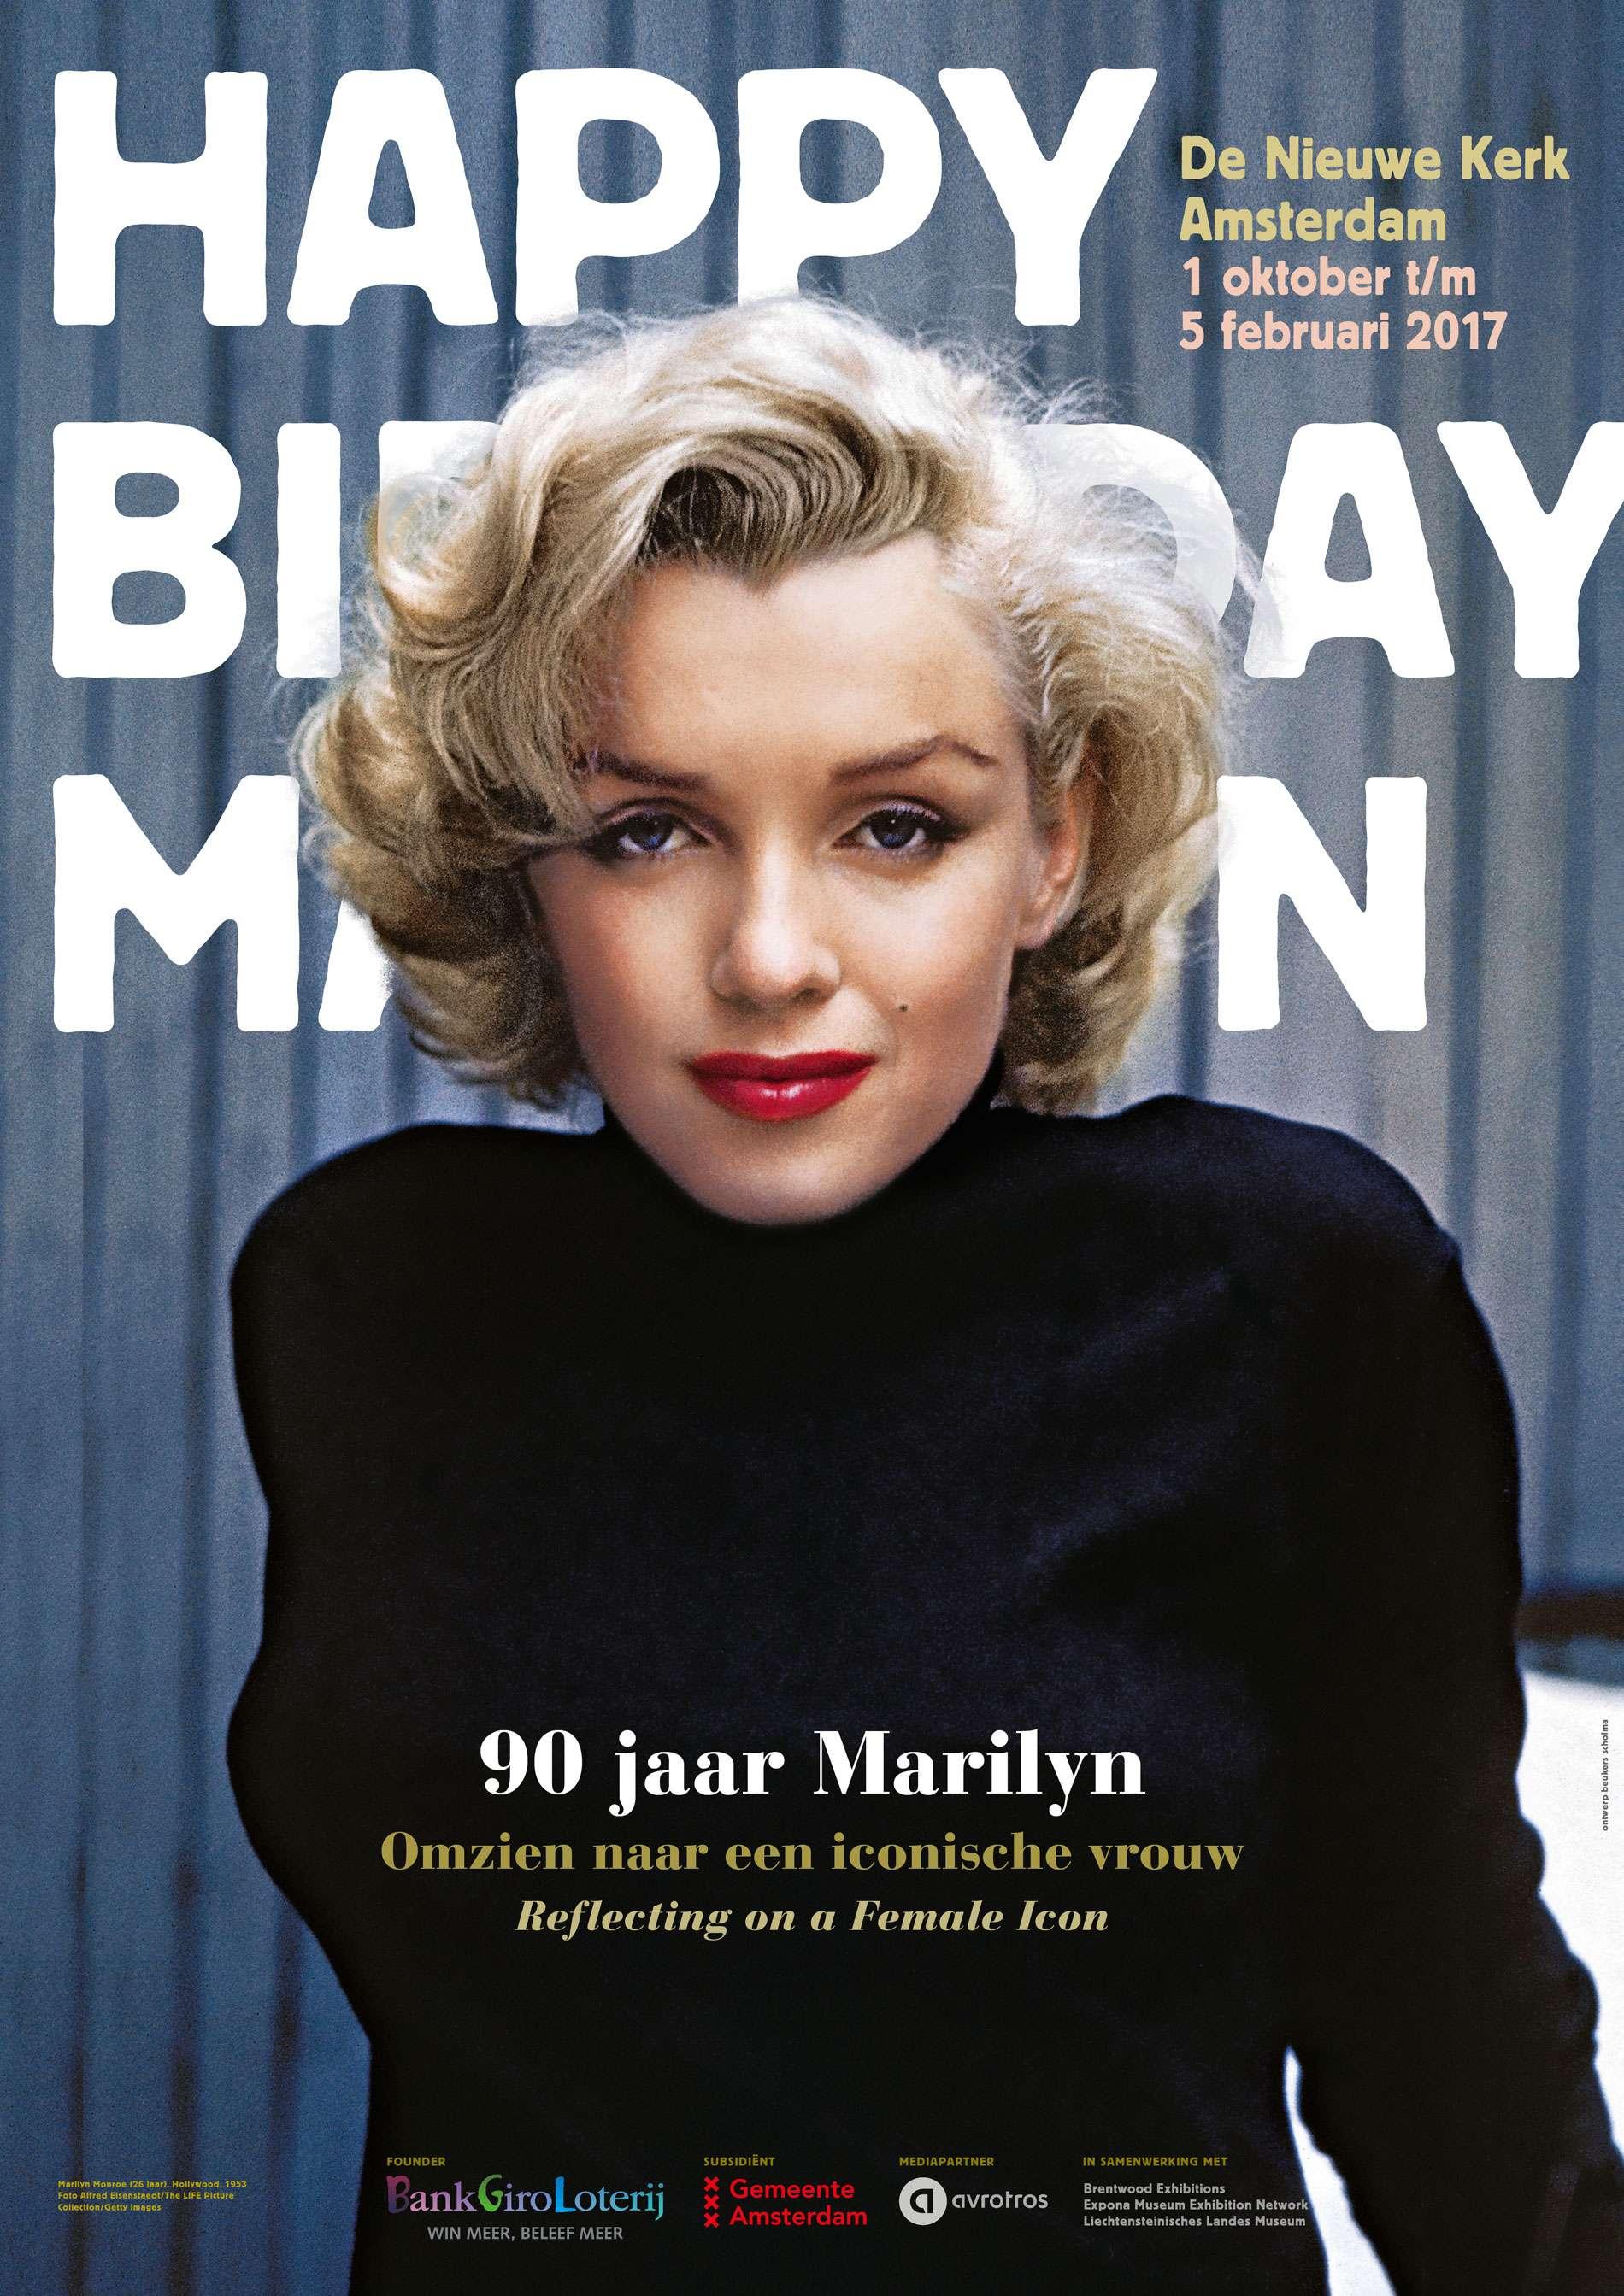 90 jaar Marilyn. Omzien naar een iconische vrouw